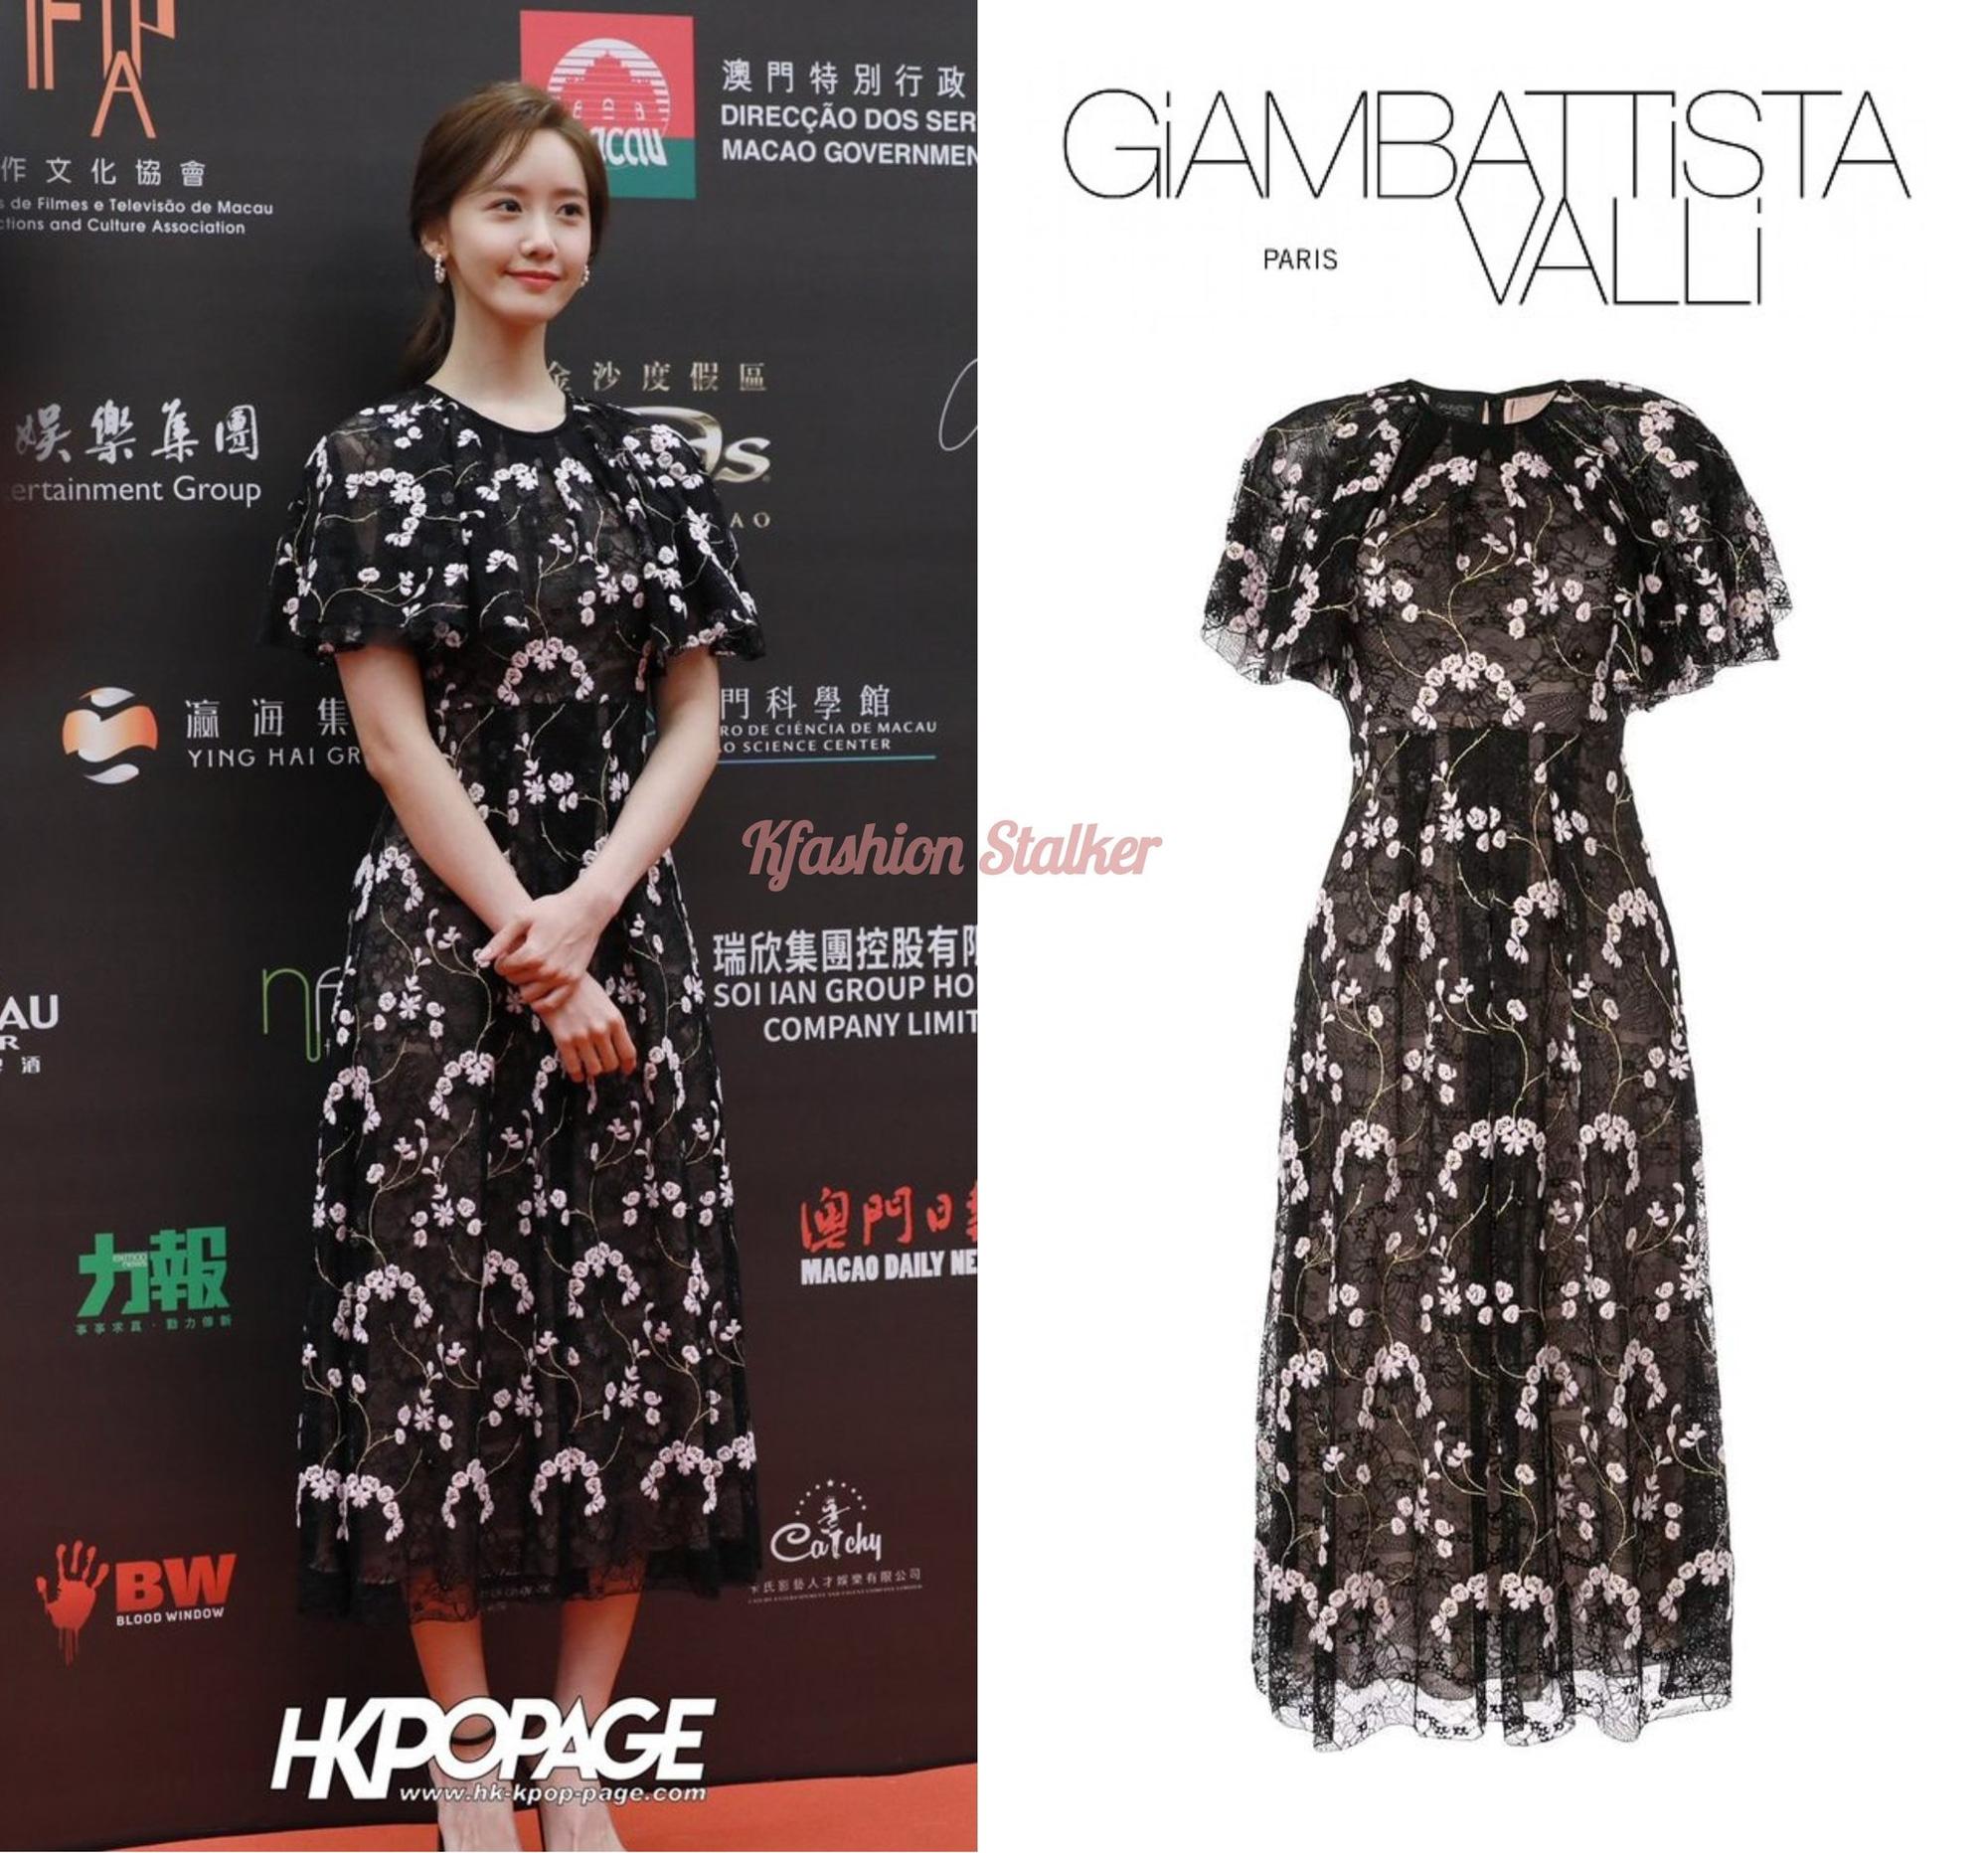 Được biết đâu là mẫu váy đến từ nhà mốt GIAMBATTISTA VALLI có giá khoảng 95 triệu đồng. Nói công bằng thiết kế này vốn không dễ diện, từ màu sắc cho đến chấy vải voan rủ nhẹ đều dễ khiến người diện trông 'dừ' hơn vài phần, nhưng Yoona lại có thể chinh phục hoàn hảo.